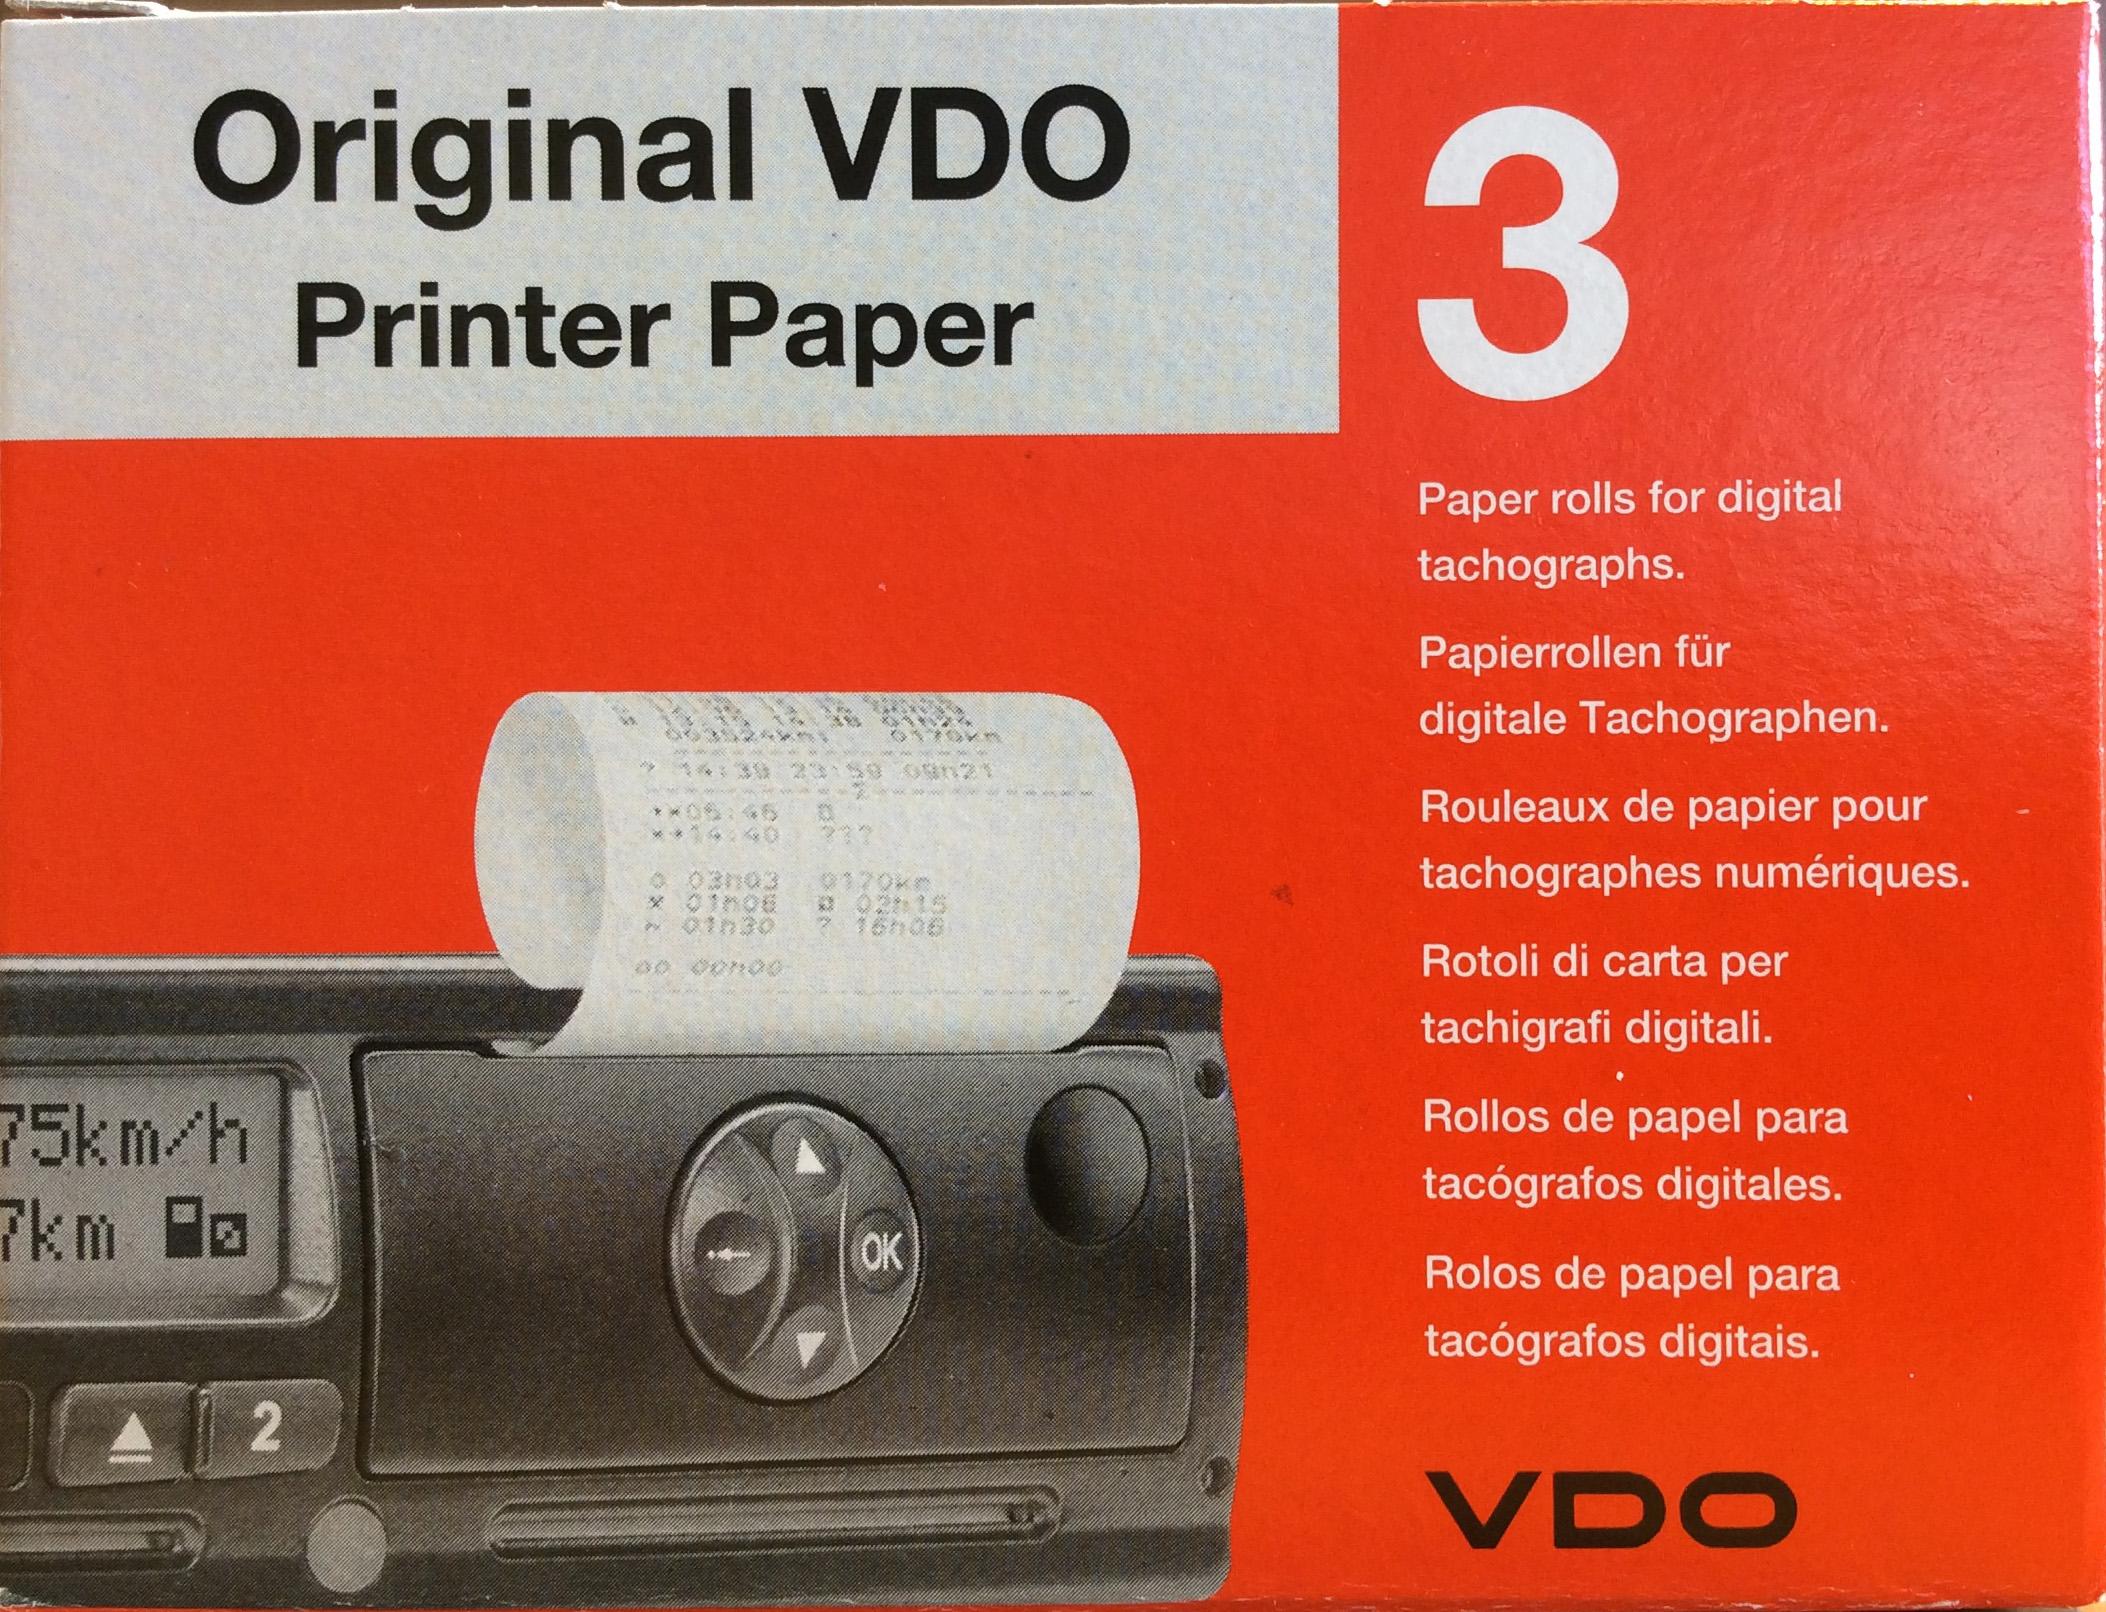 Original VDO printer paper 3